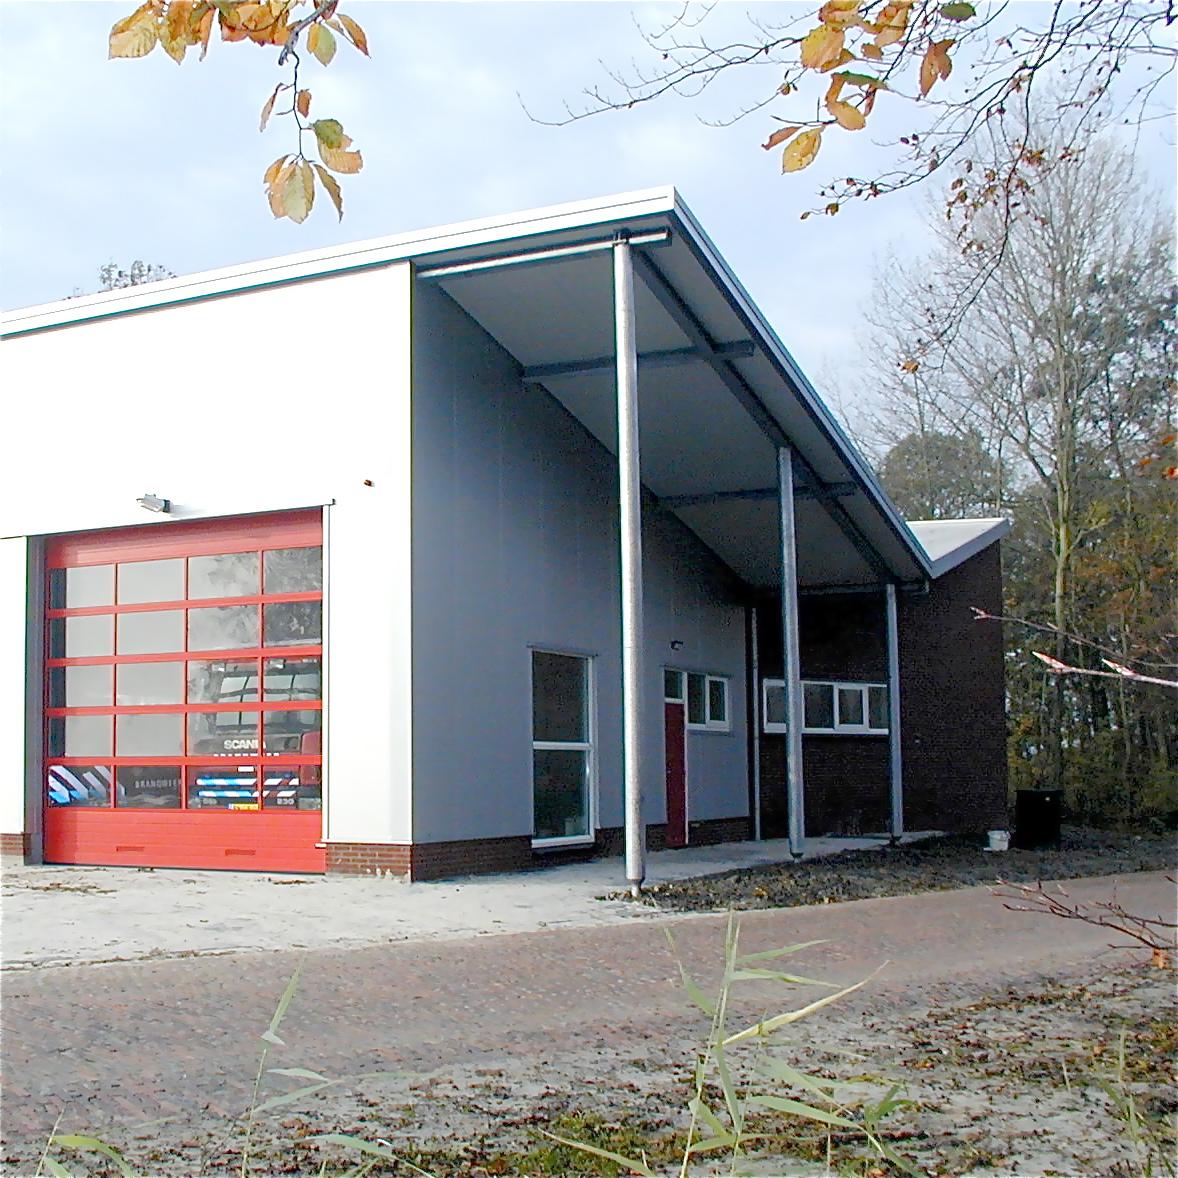 1+Brandweerkazerne+Wehe+de+Hoorn,+entree.jpg